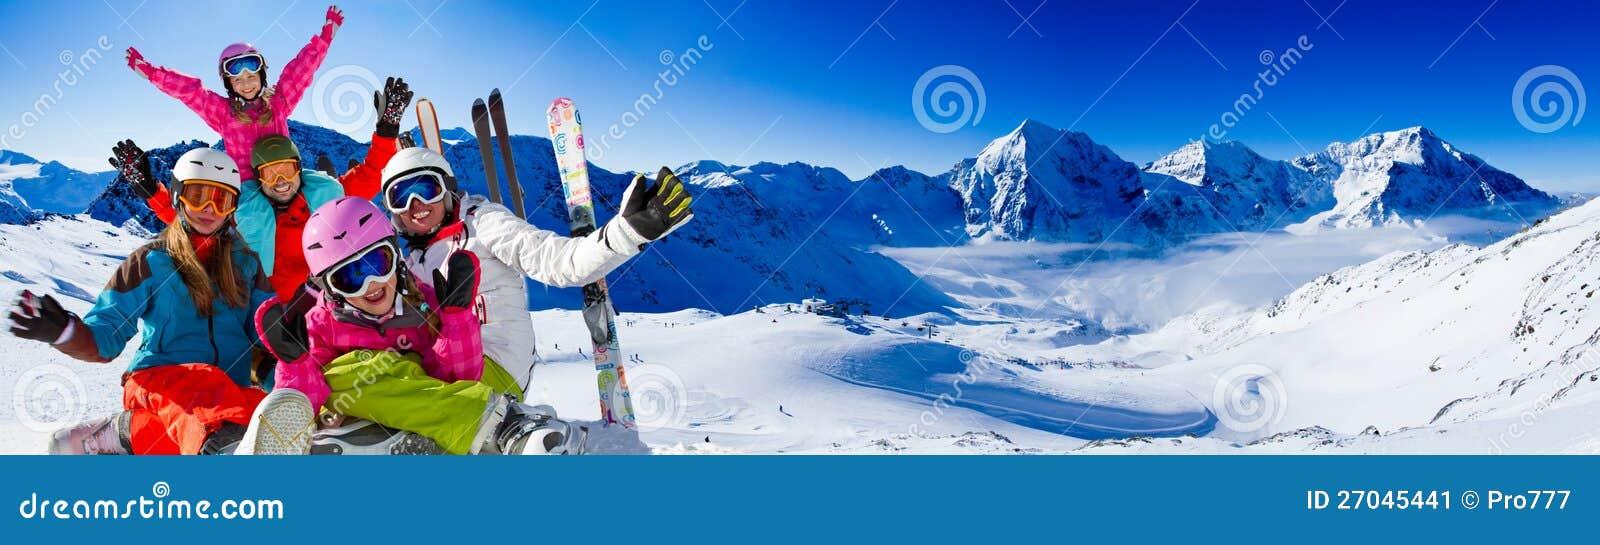 Skifahren, Winterspaß